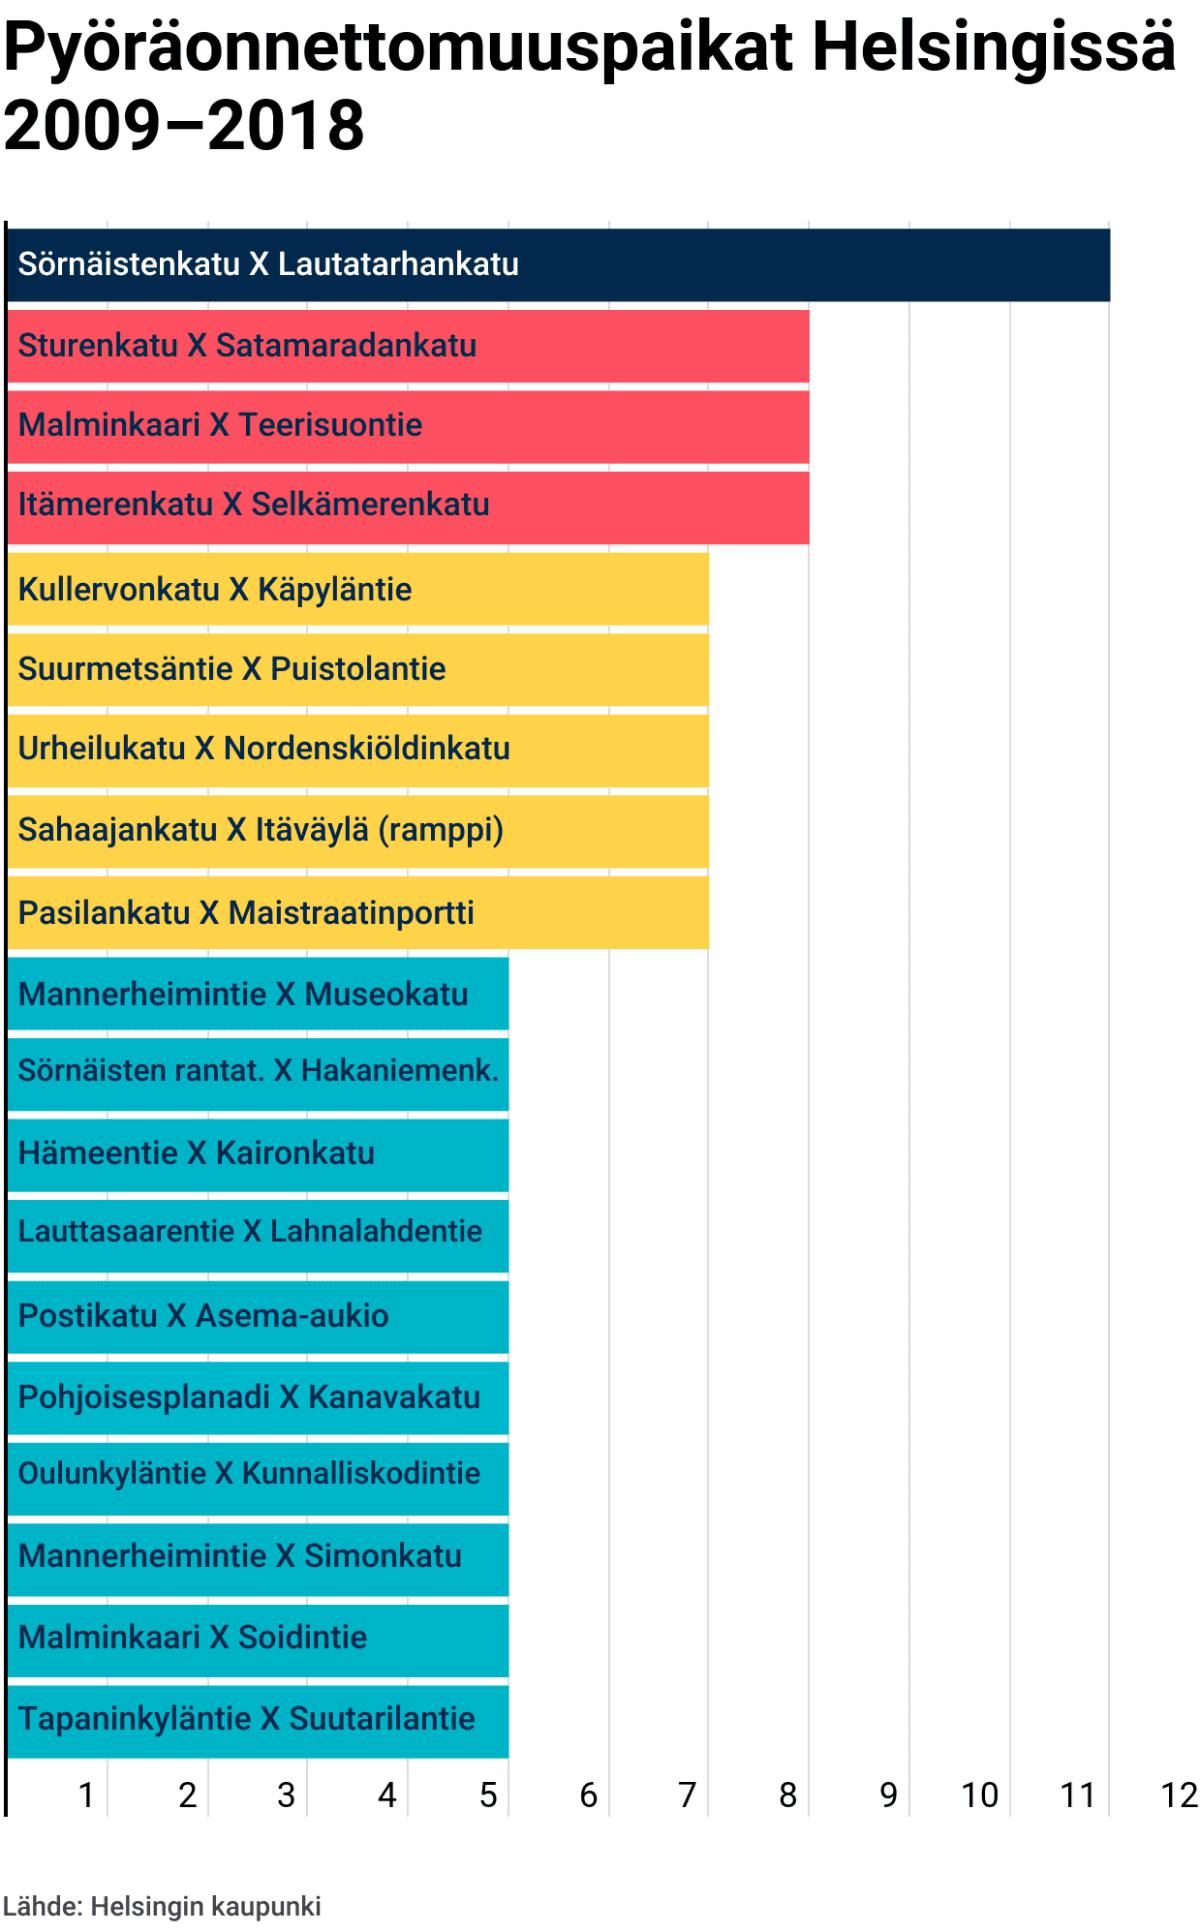 Pyöräonnettomuuspaikat Helsingissä 2009-2018